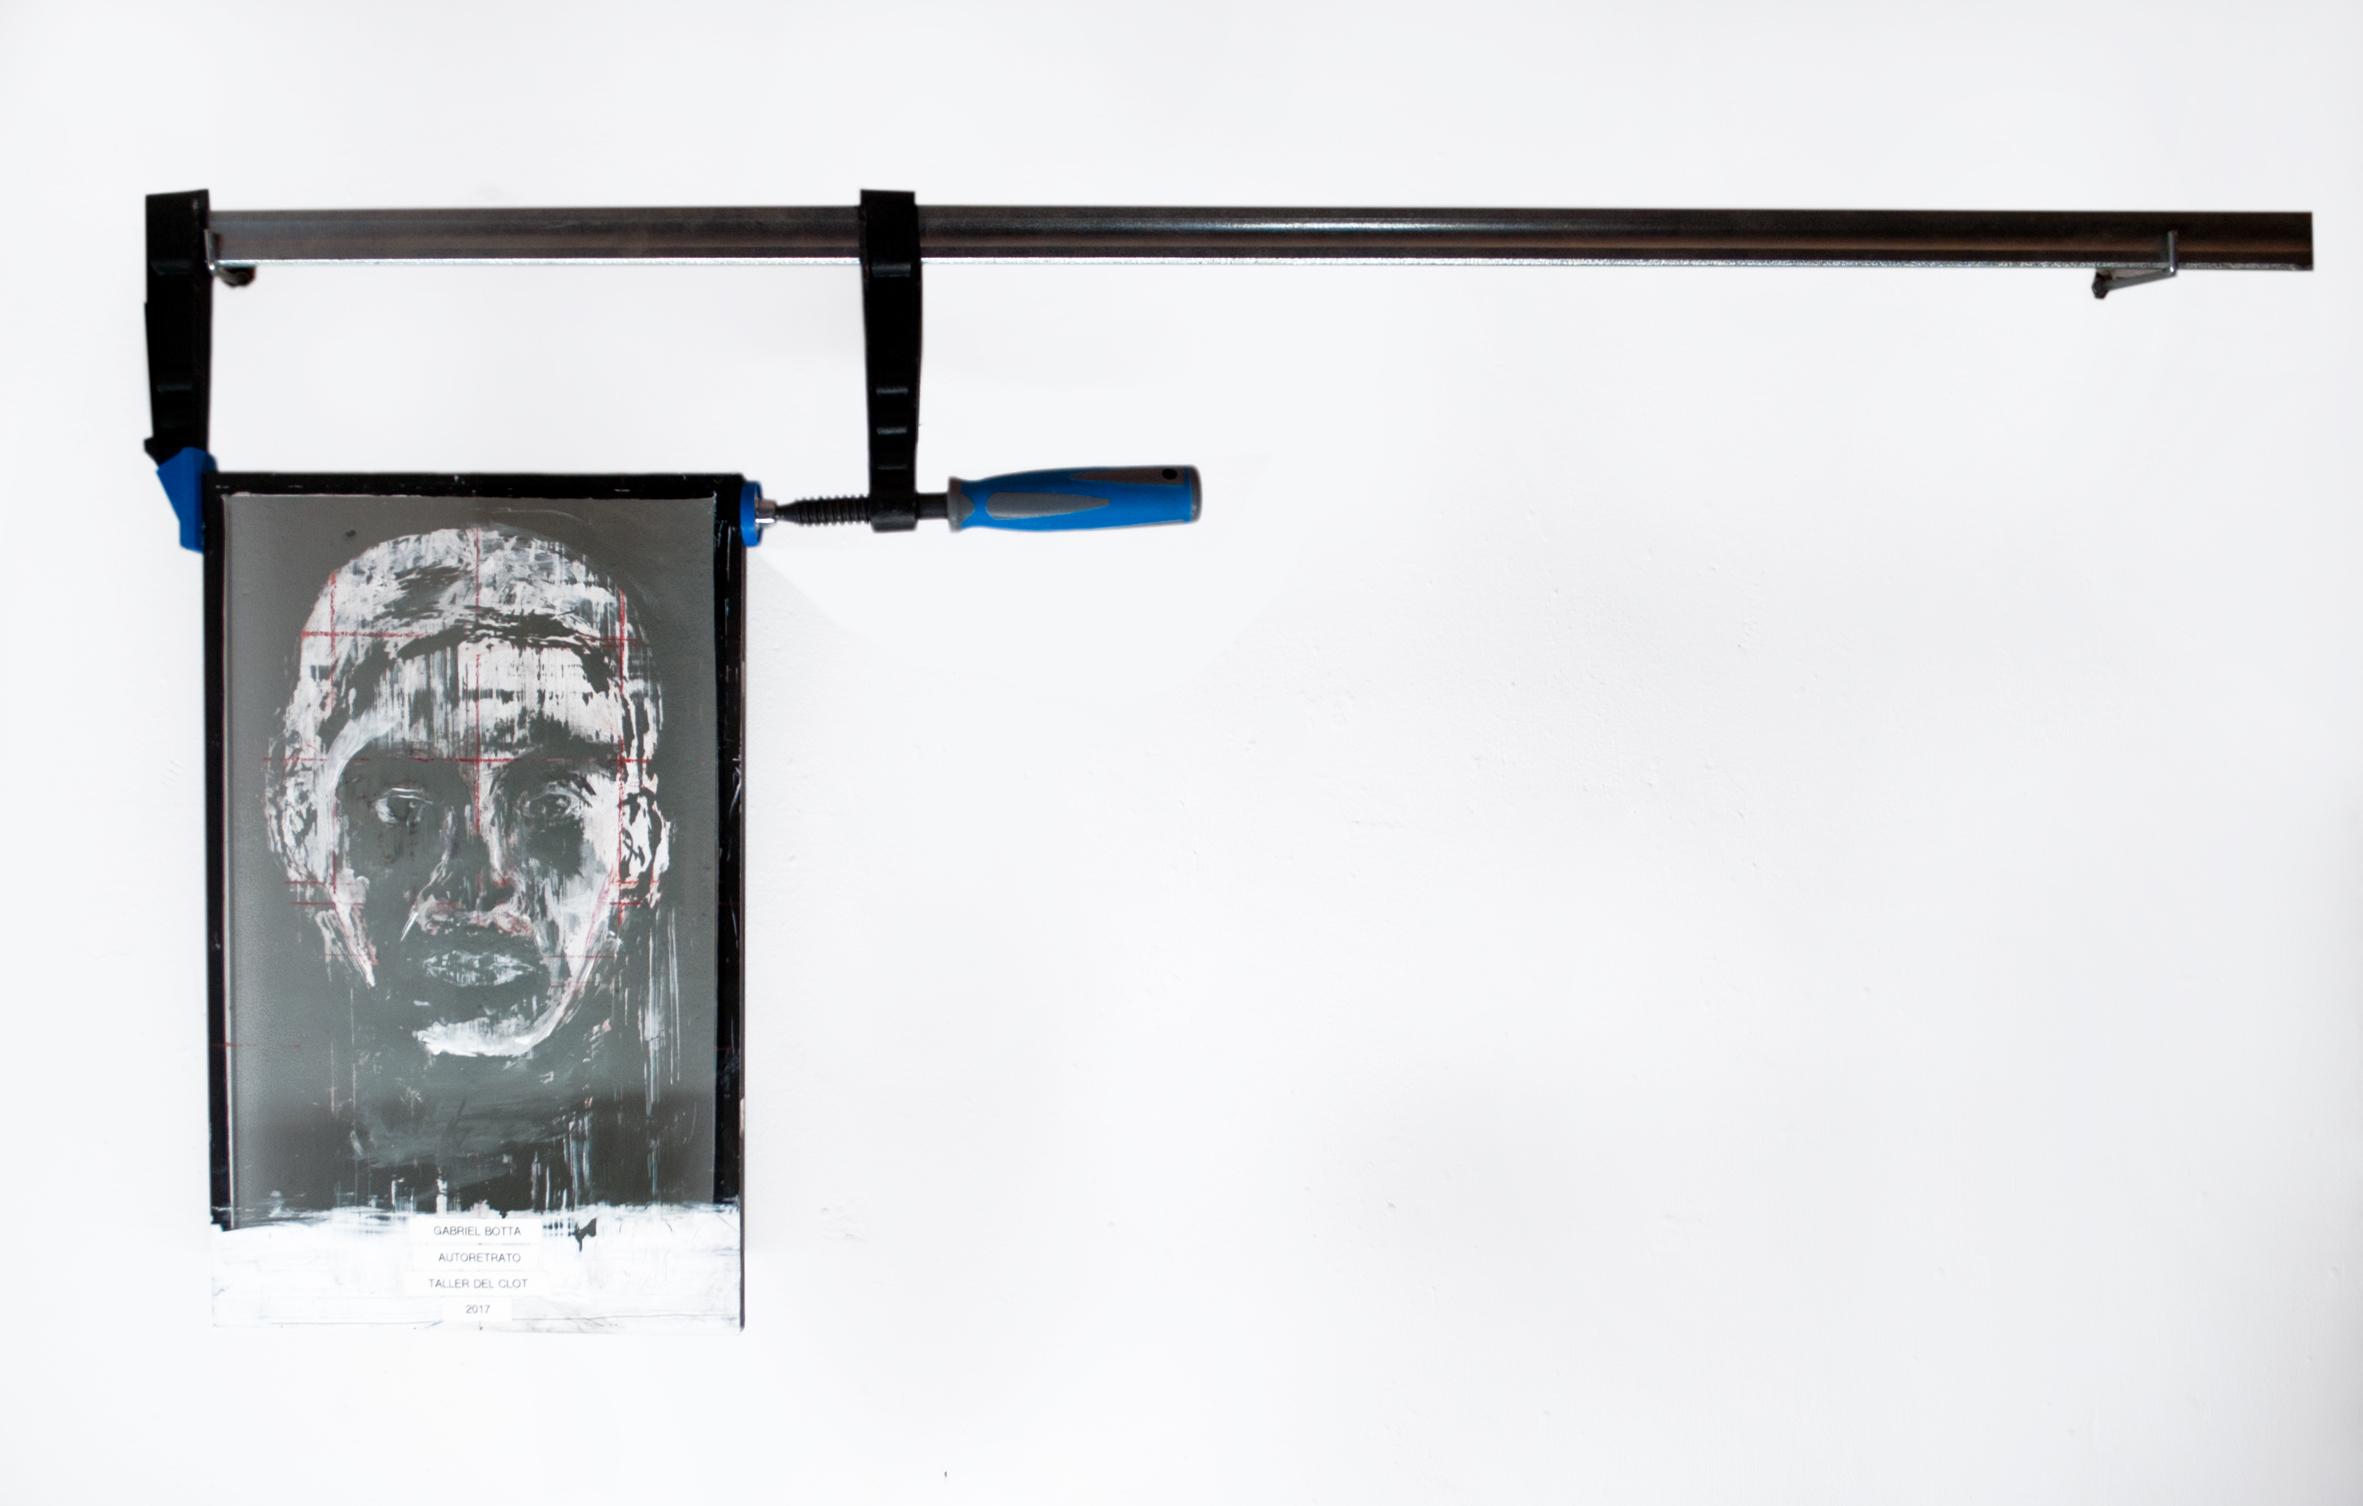 Autorretrato  2017  Sargento, vidro, suportes, tinta esmalte e fitas de rotulador.  110 x 57 cm   Coleção Particular